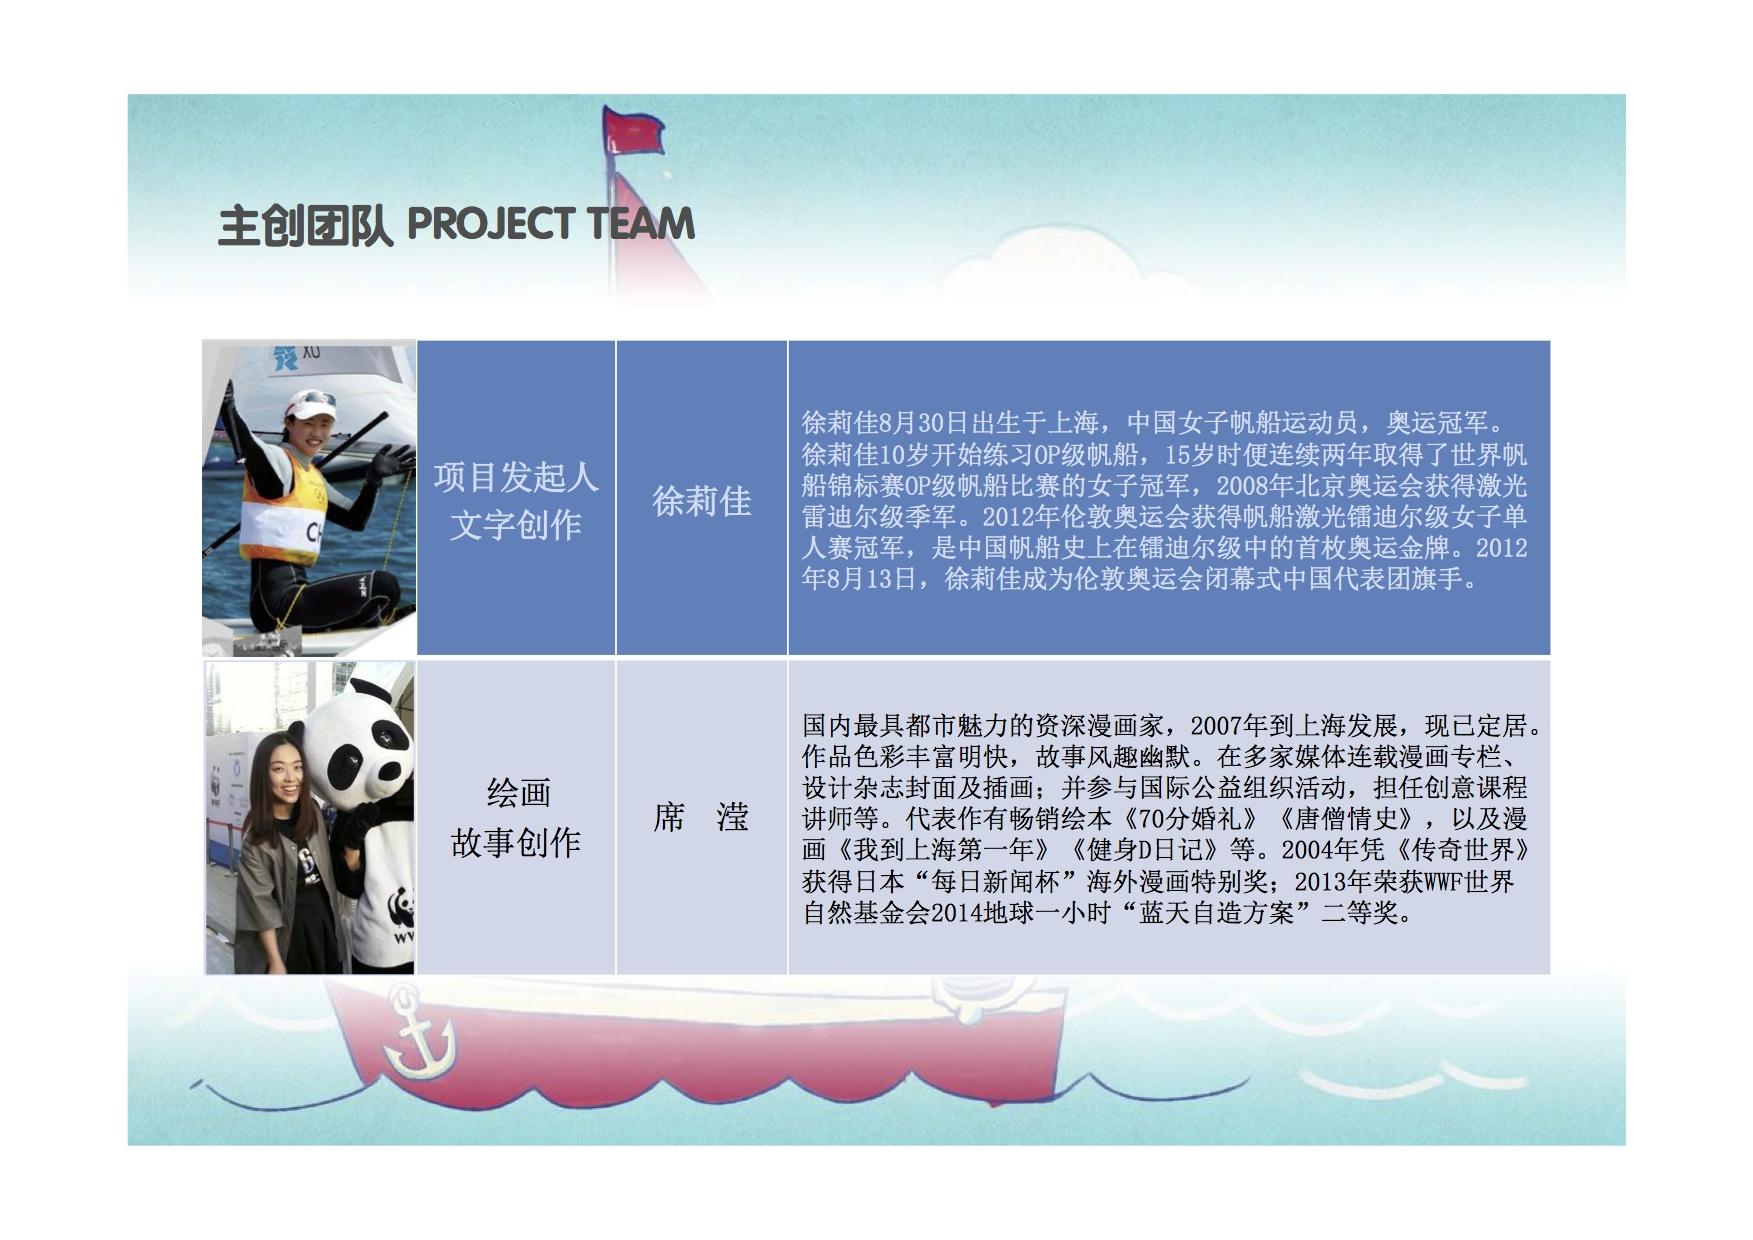 徐莉佳,帆船 一起来支持徐莉佳帆船漫画系列书 绘本帆船创作企划案24.jpg